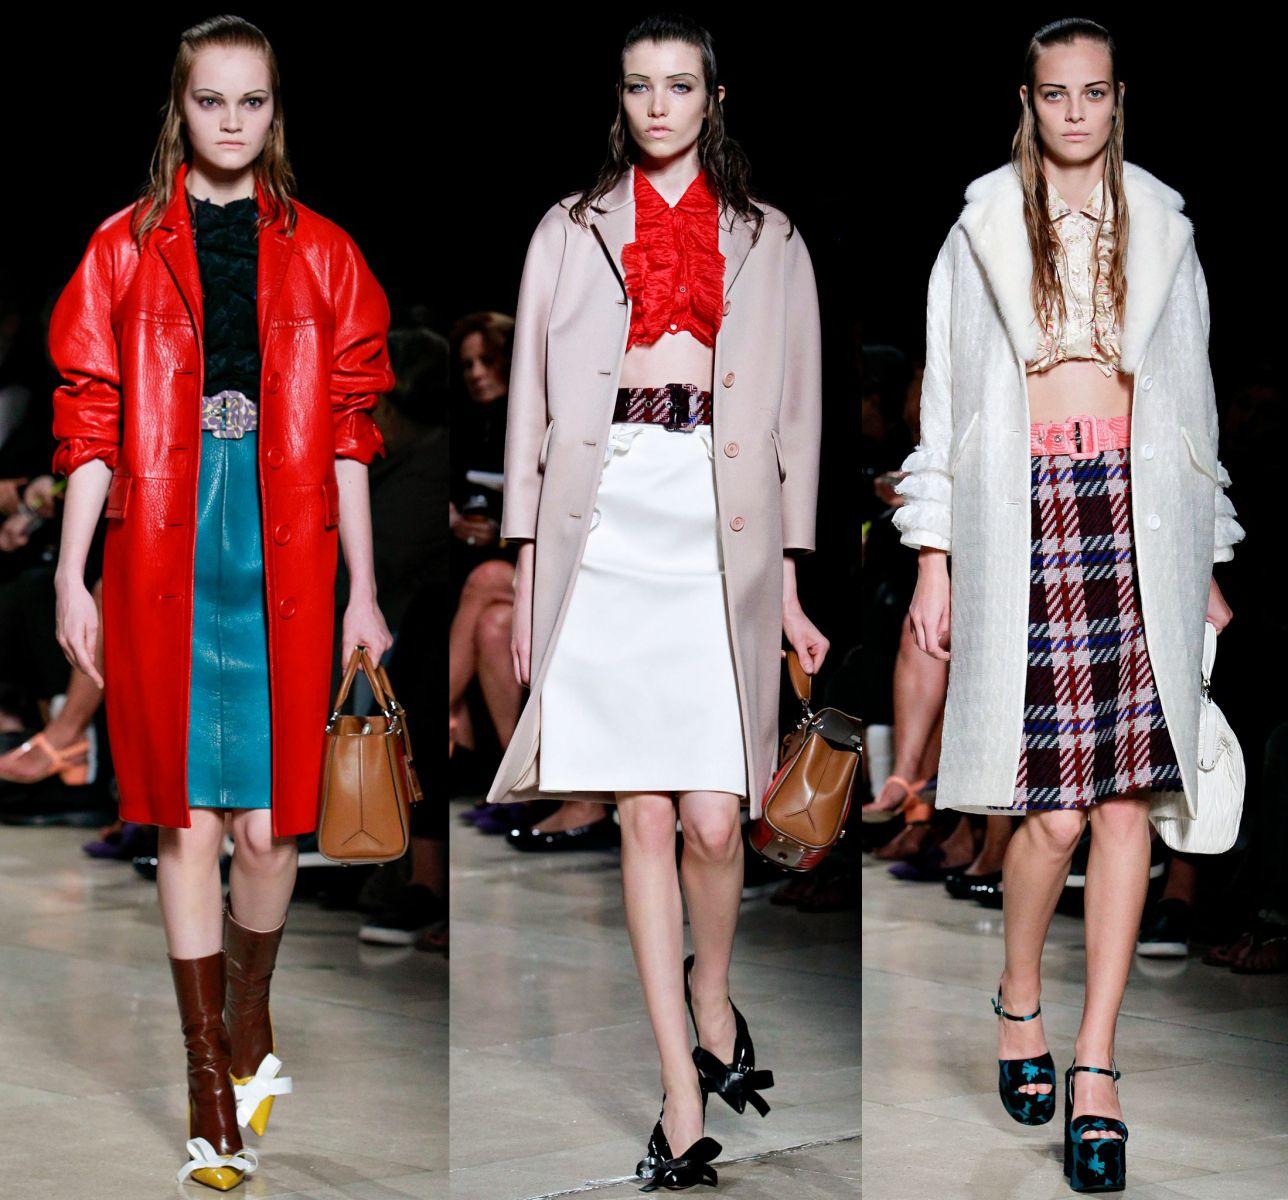 Неделя моды в Париже: Miu Miu, весна-лето 2015 - фото №1